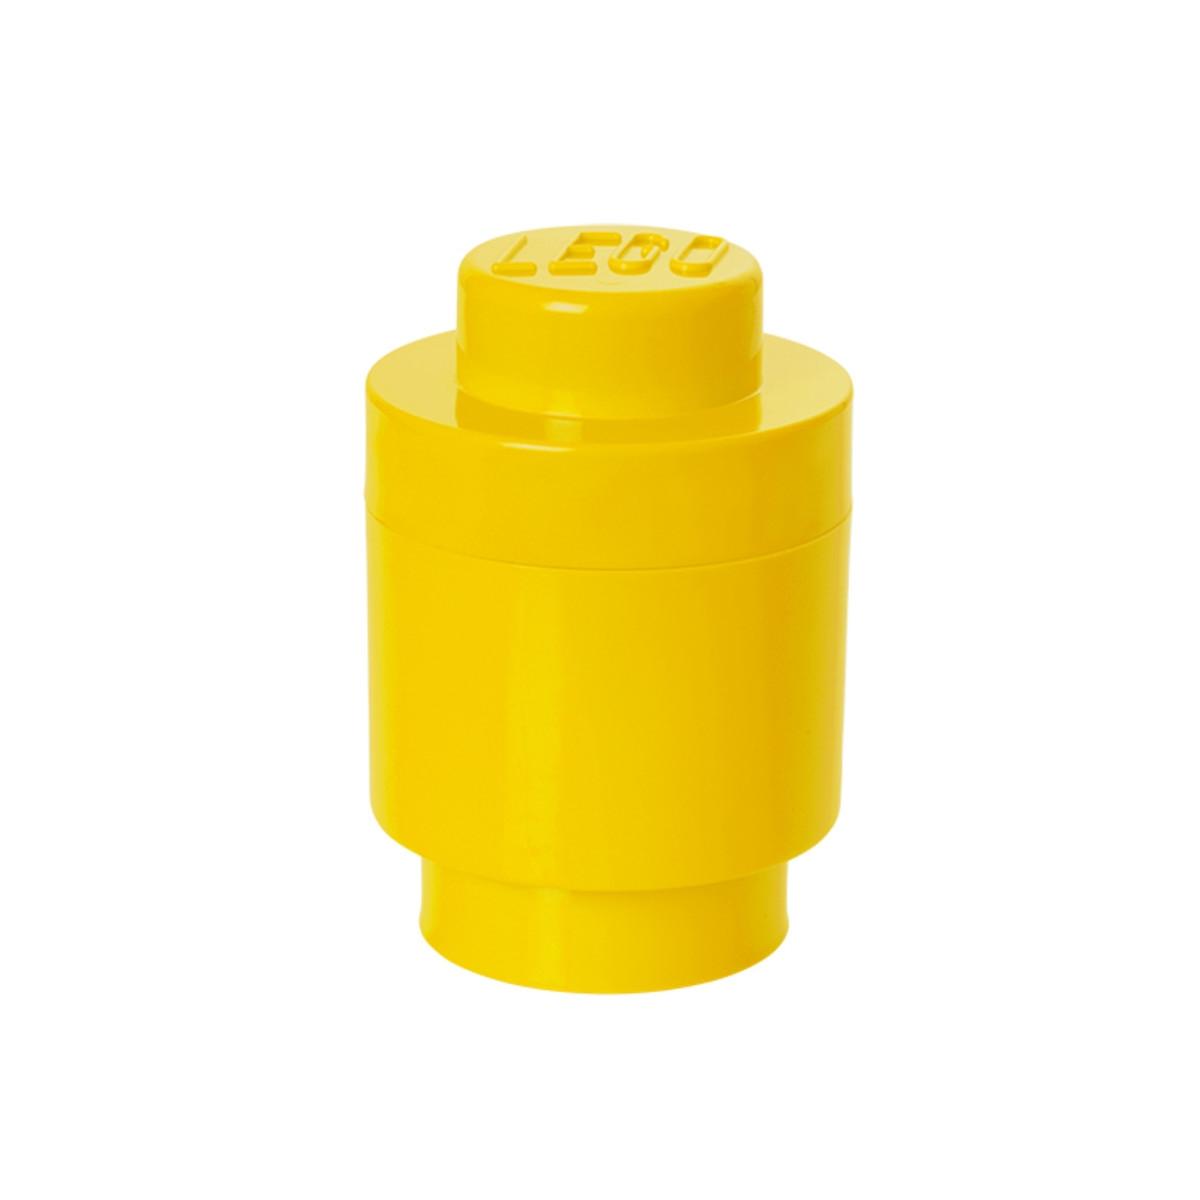 Lego Opbevaringskasse Storage Brick 1 Rund Gul